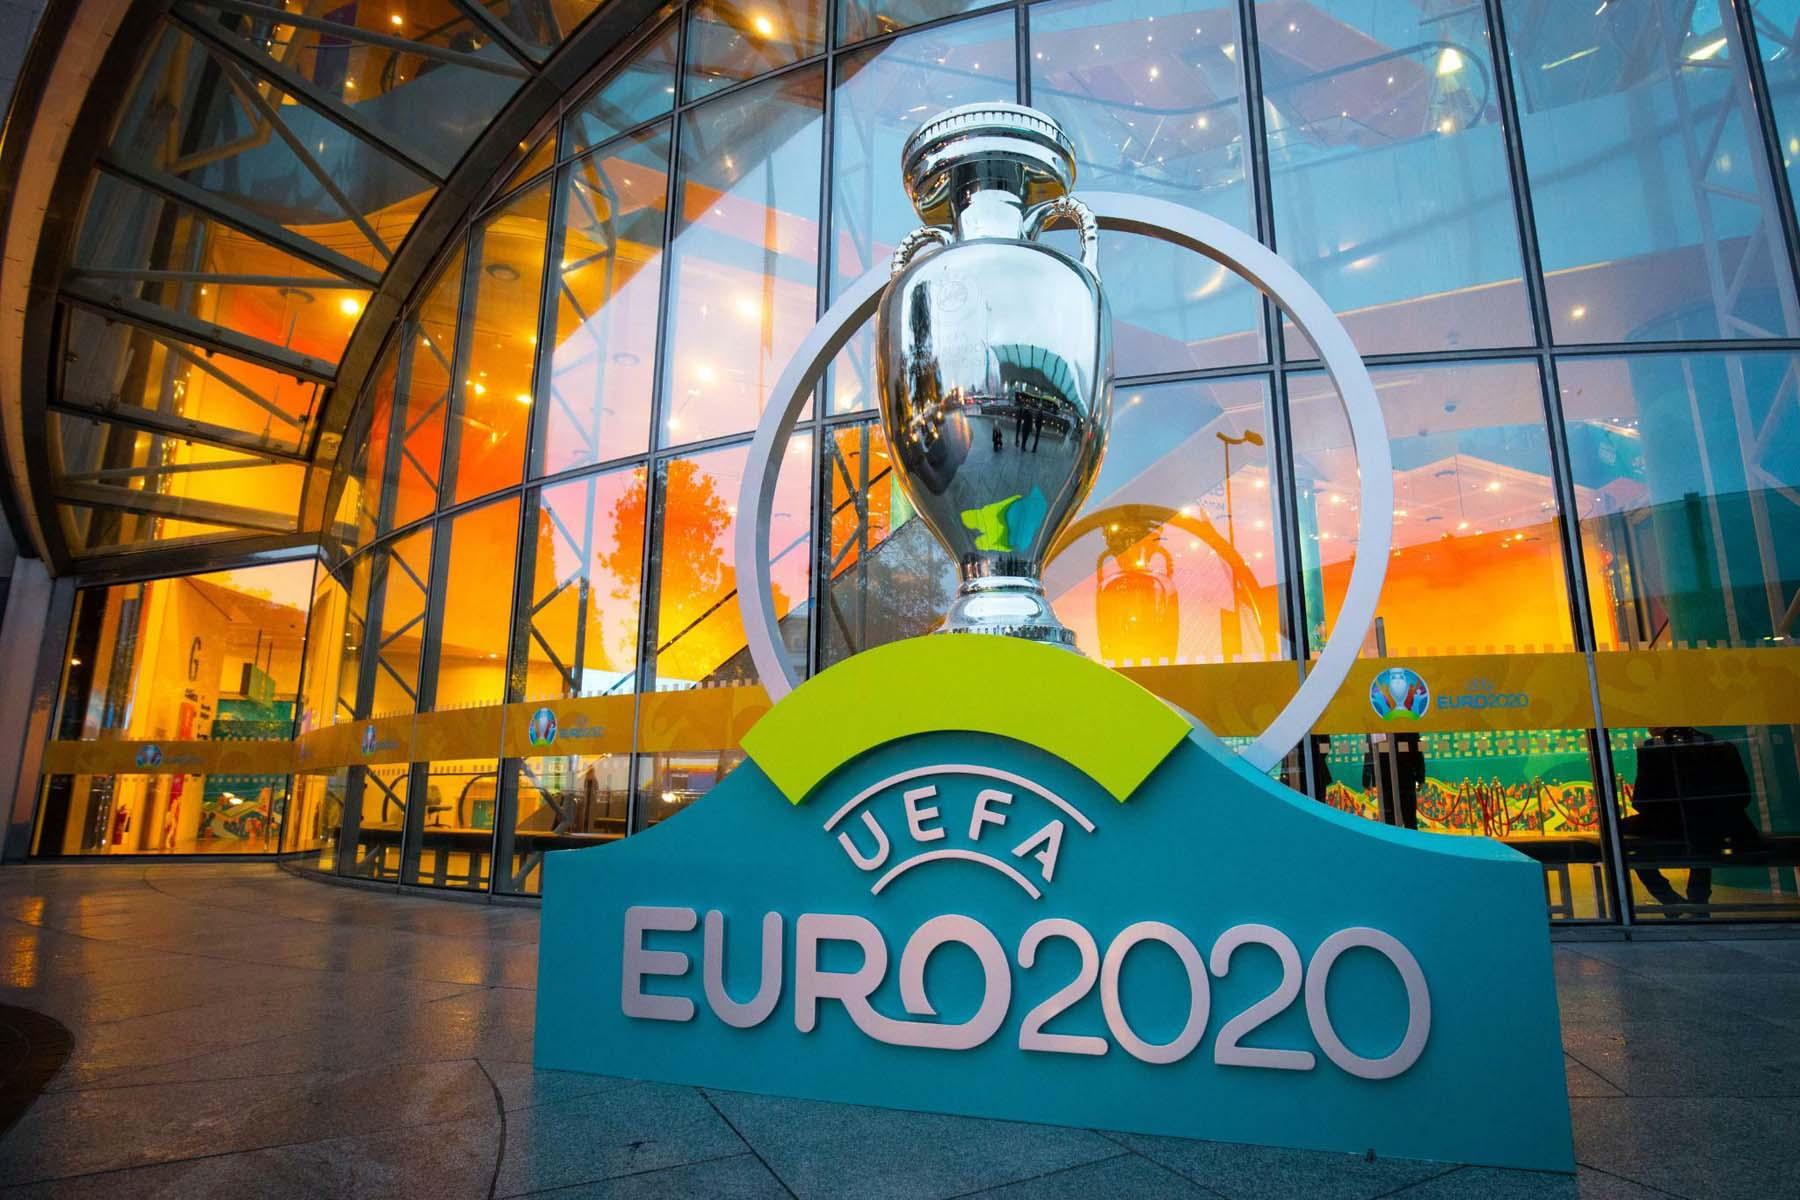 EURO 2020 gruptan çıkan takımlar   Son 16'ya kalan takımlar EURO 2020   Hangi takımlar gruptan çıktı, eşleşti?